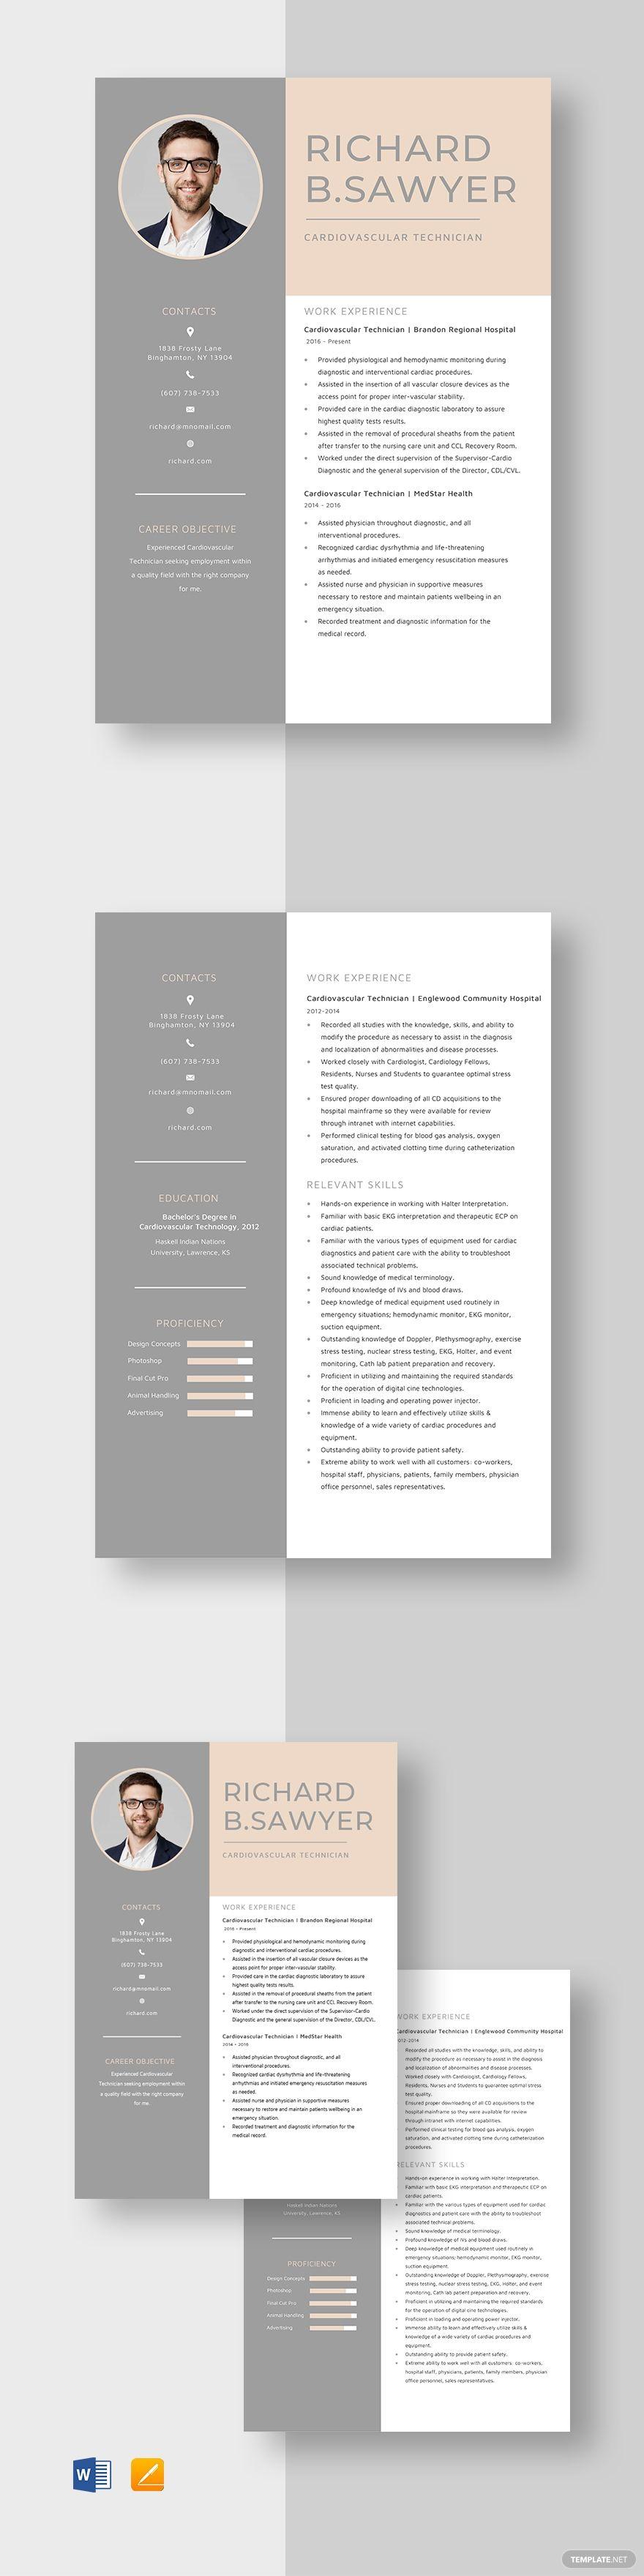 Cardiovascular Technician Resume Template Ad Sponsored Technician Cardiovascular Template R In 2020 Resume Template Nursing Resume Template Manager Resume